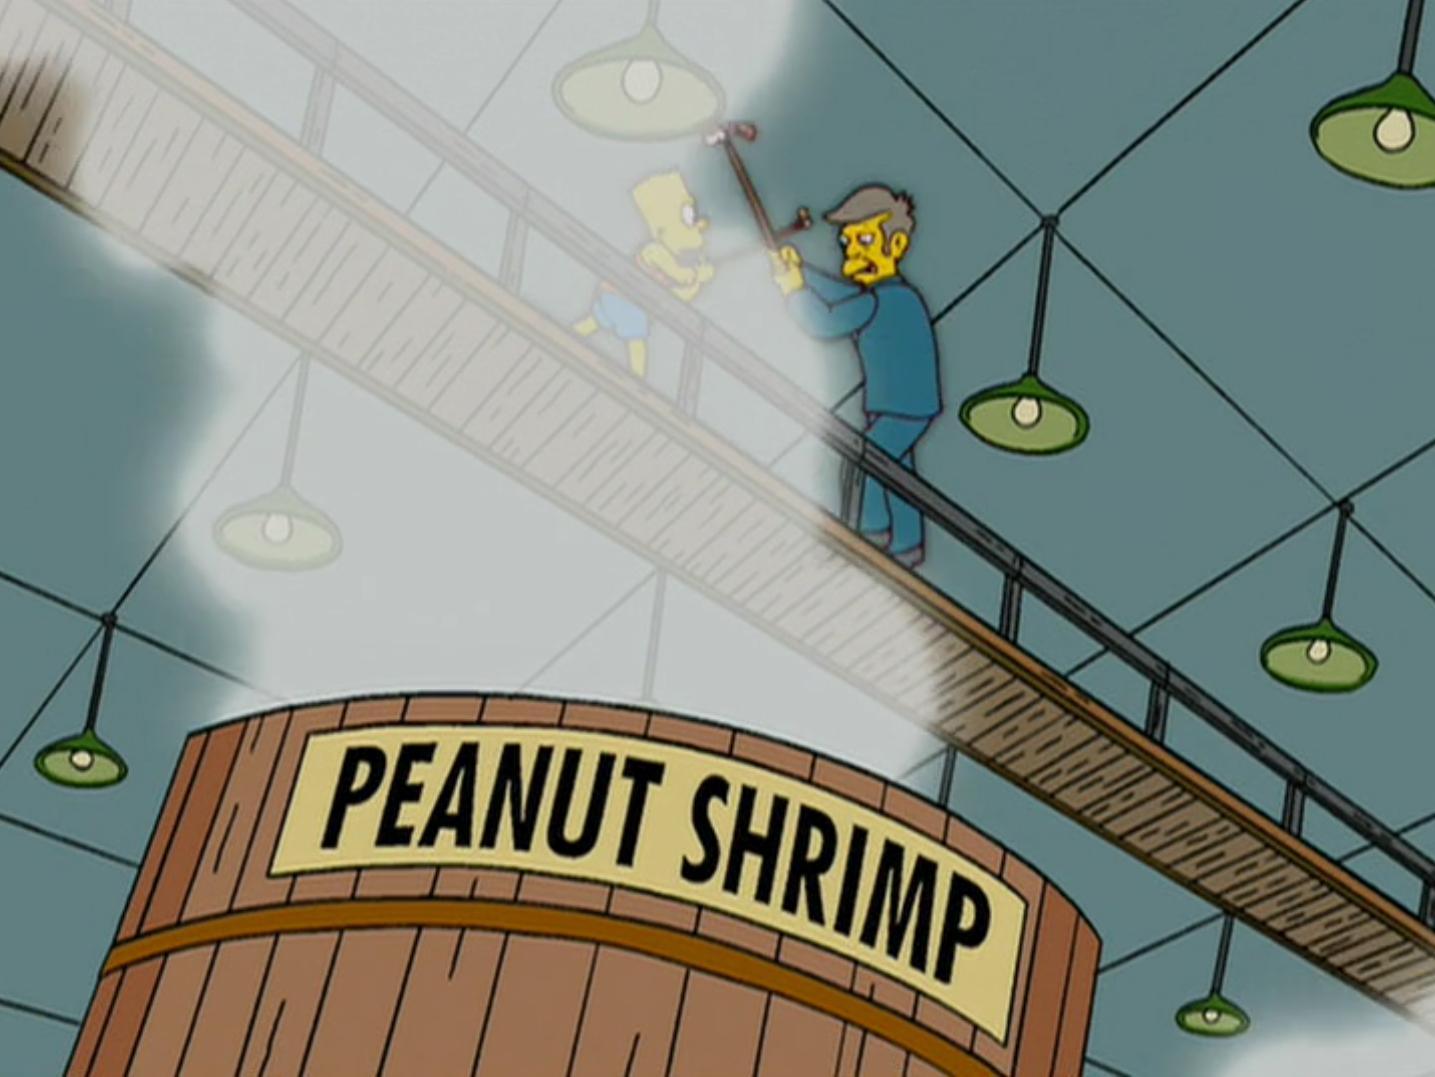 Peanut Shrimp.png